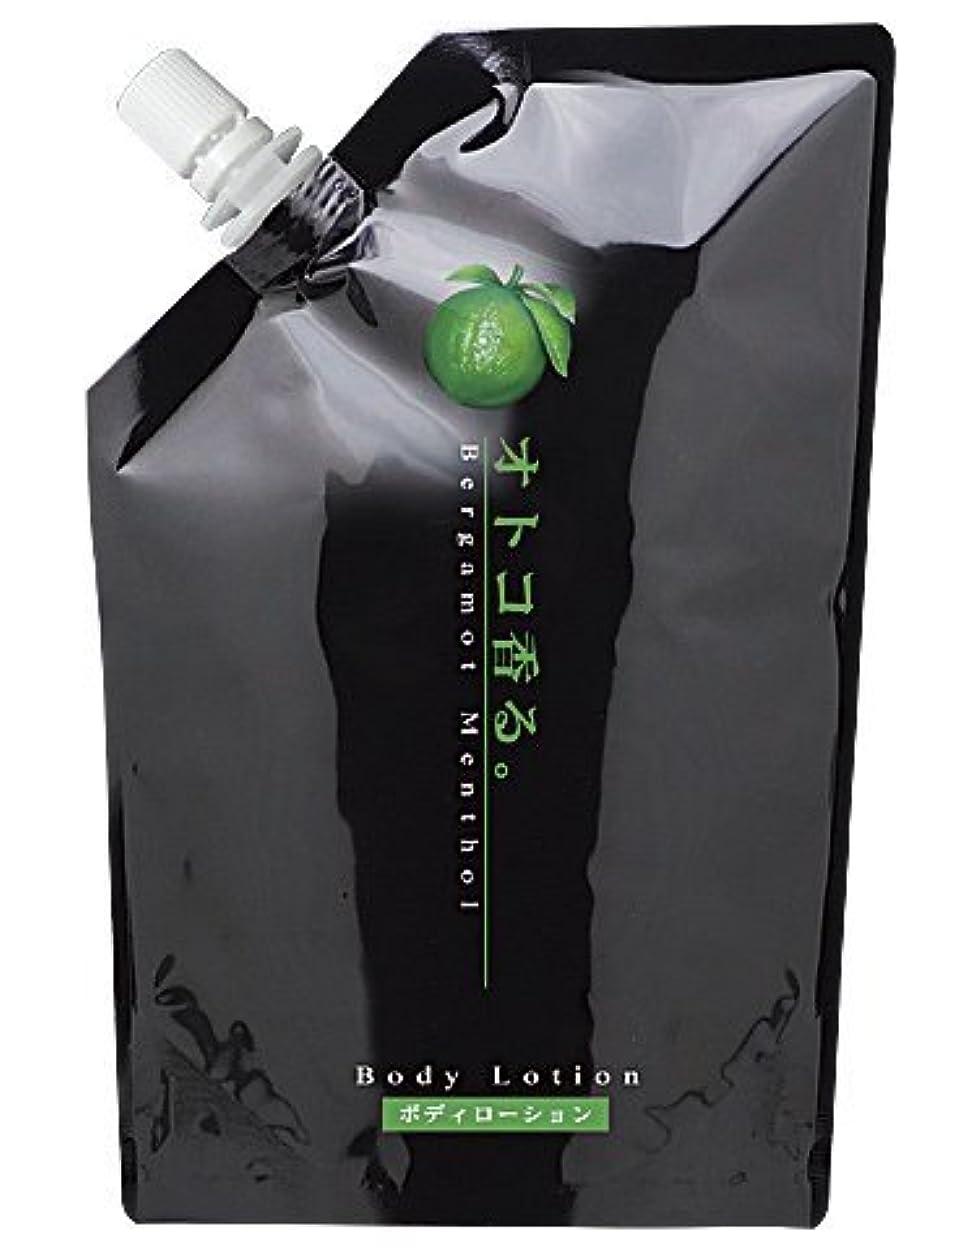 真空トリプル雇うkracie(クラシエ) オトコ香る ボディローション ベルガモットの香り 微香性 業務用 家庭様向け 500ml 補充サイズ